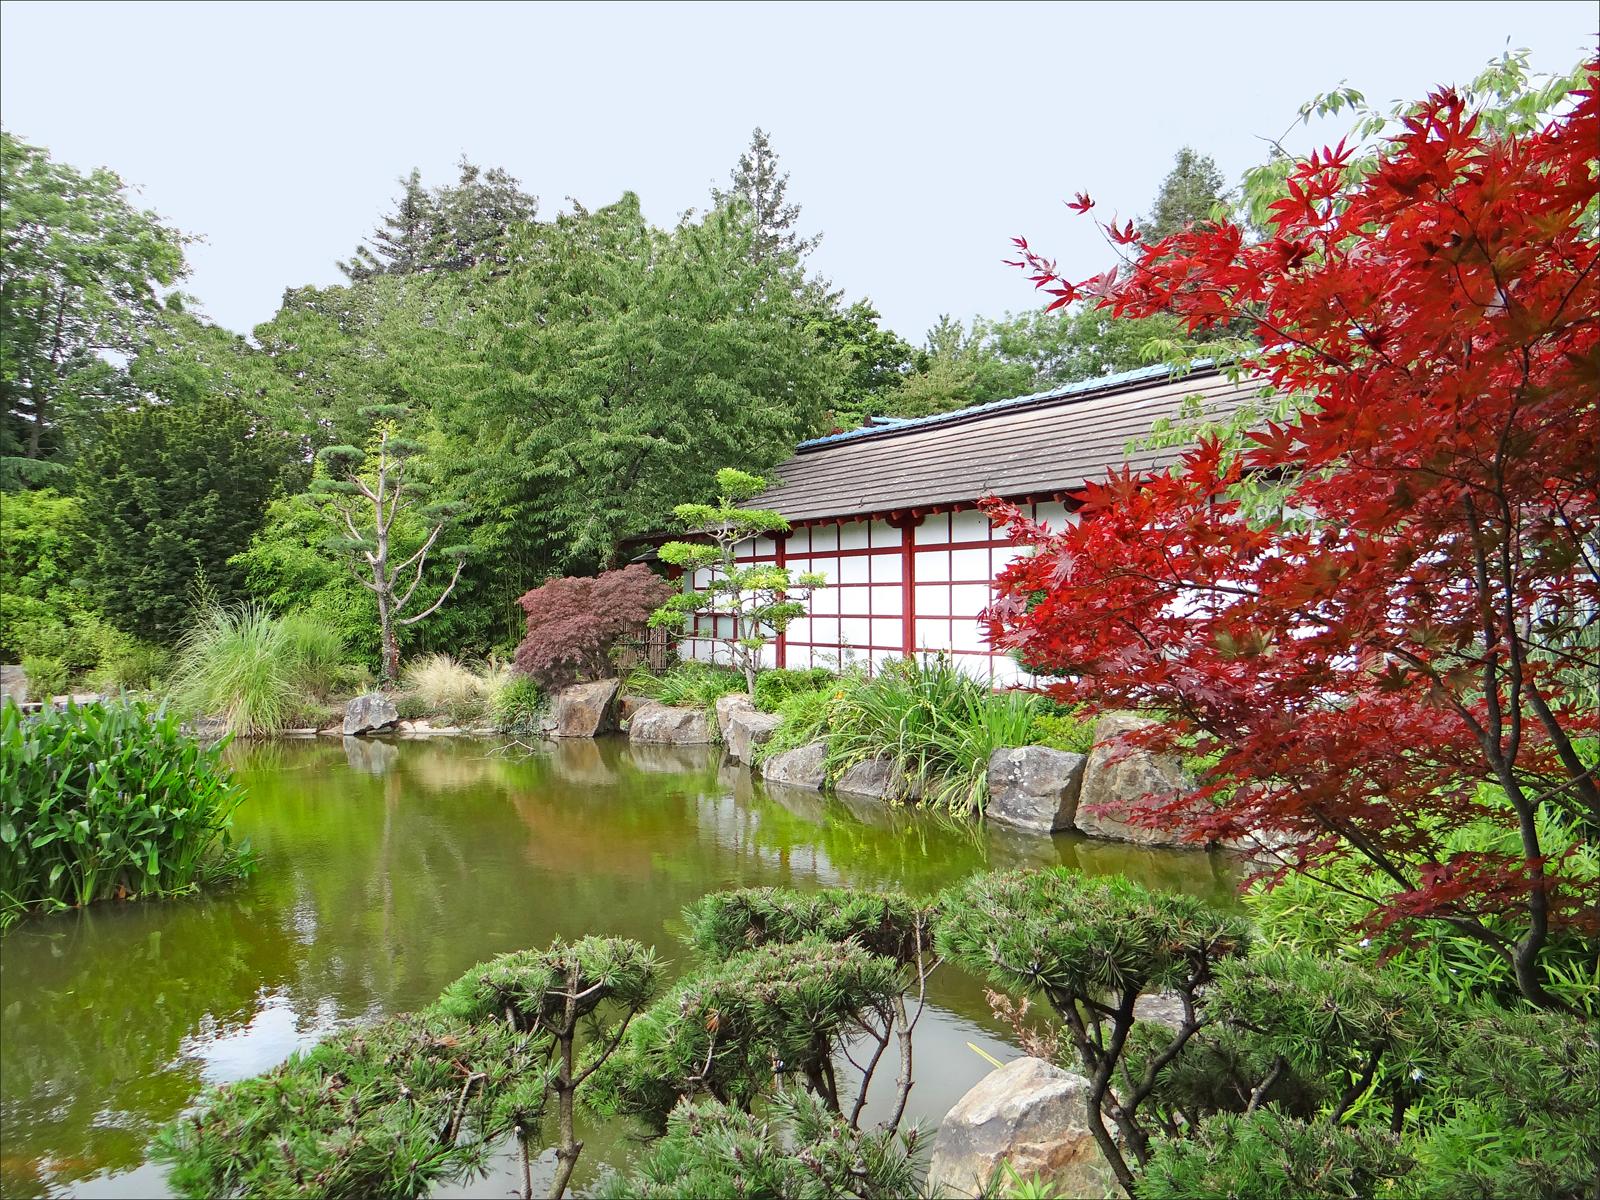 Archivo le jardin japonais le de versailles nantes jpg wikipedia la enciclopedia libre for Jardin japonais nantes